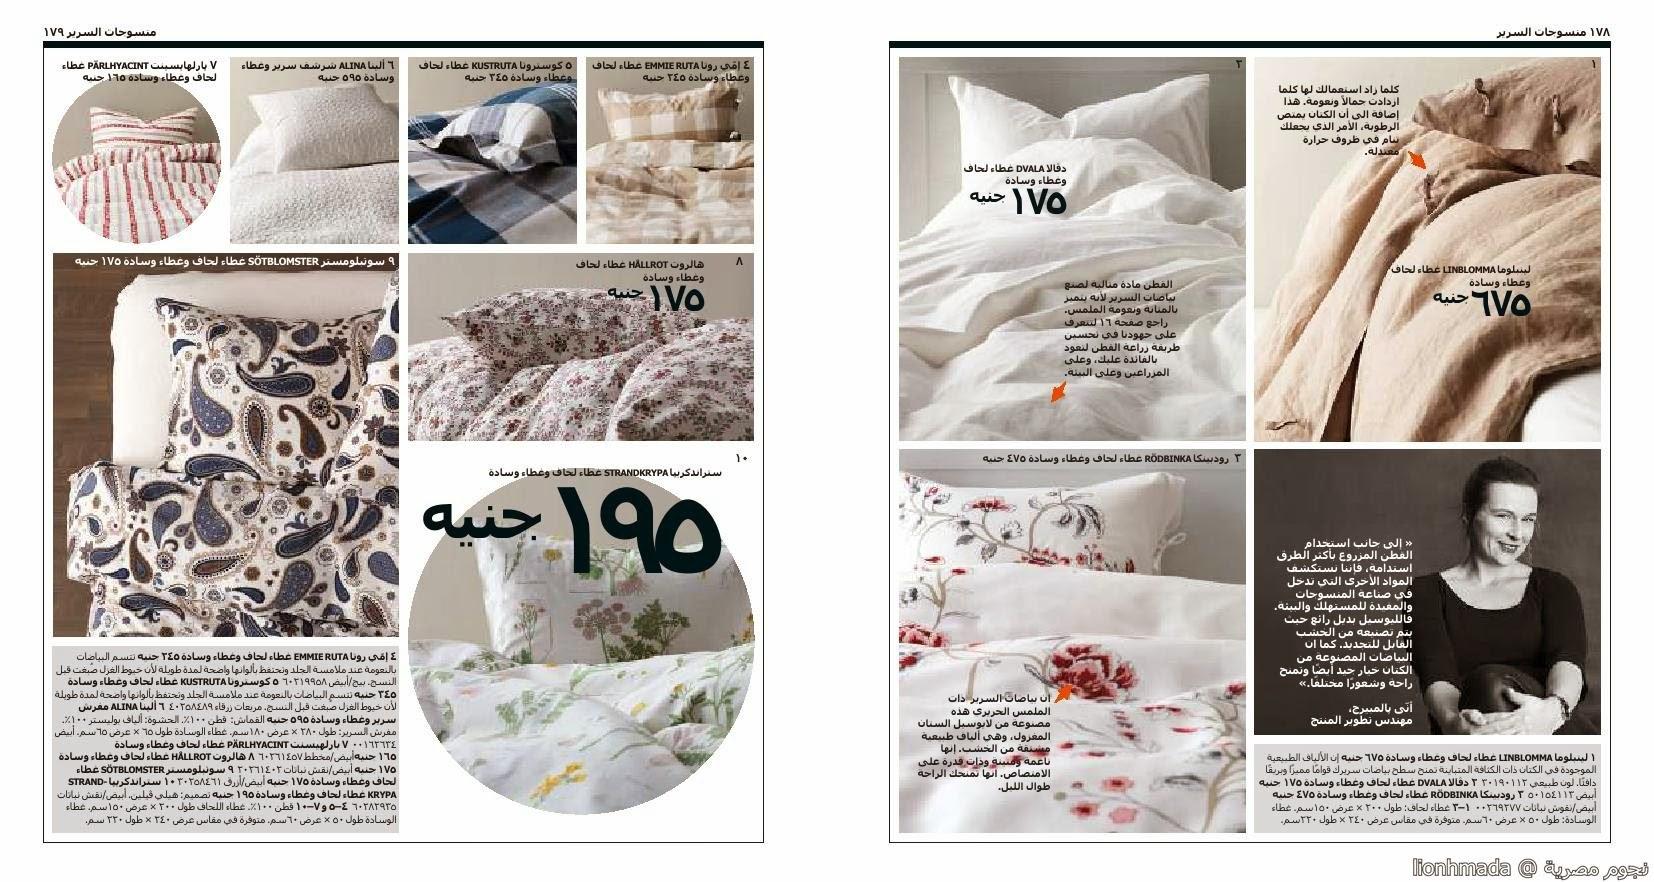 imge5bf92ae8250a705fa0b73d523b8e952 صور كتالوج ايكيا مصر ikia للديكورات